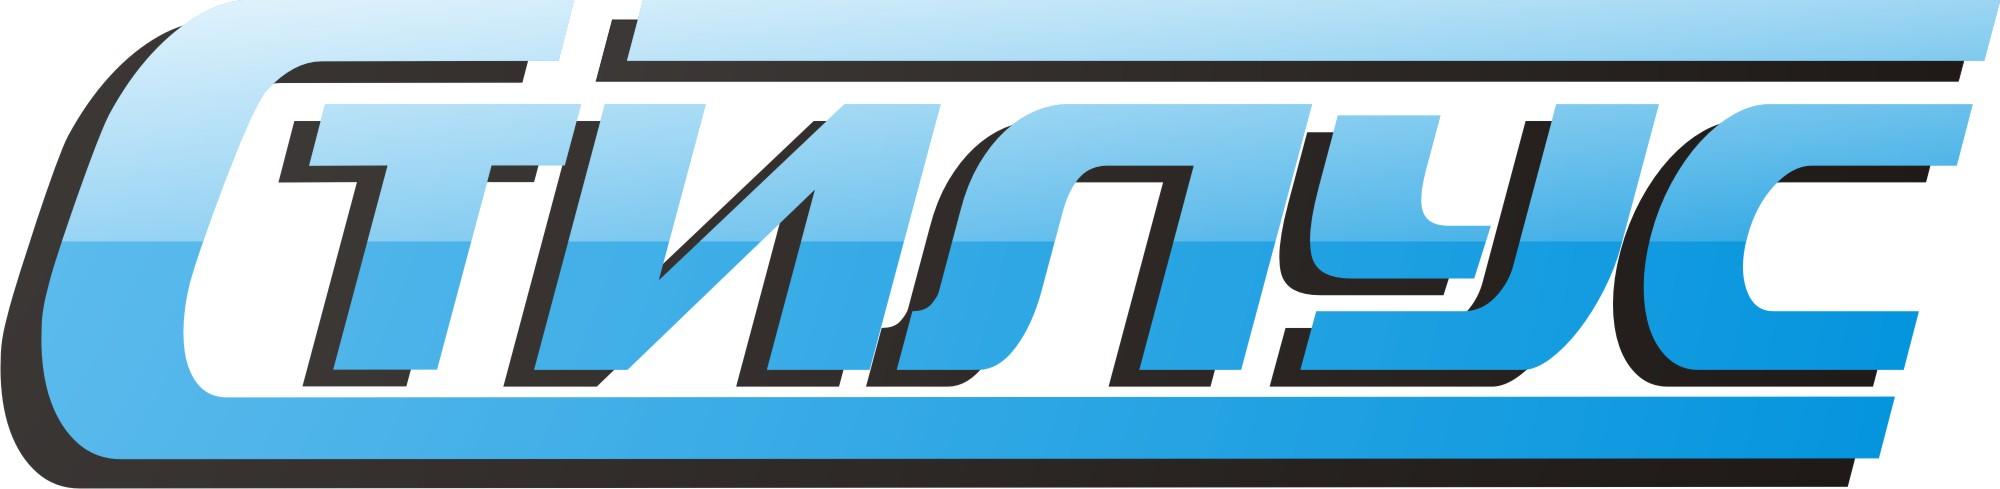 """Логотип ООО """"СТИЛУС"""" фото f_4c483b8320ef1.jpg"""